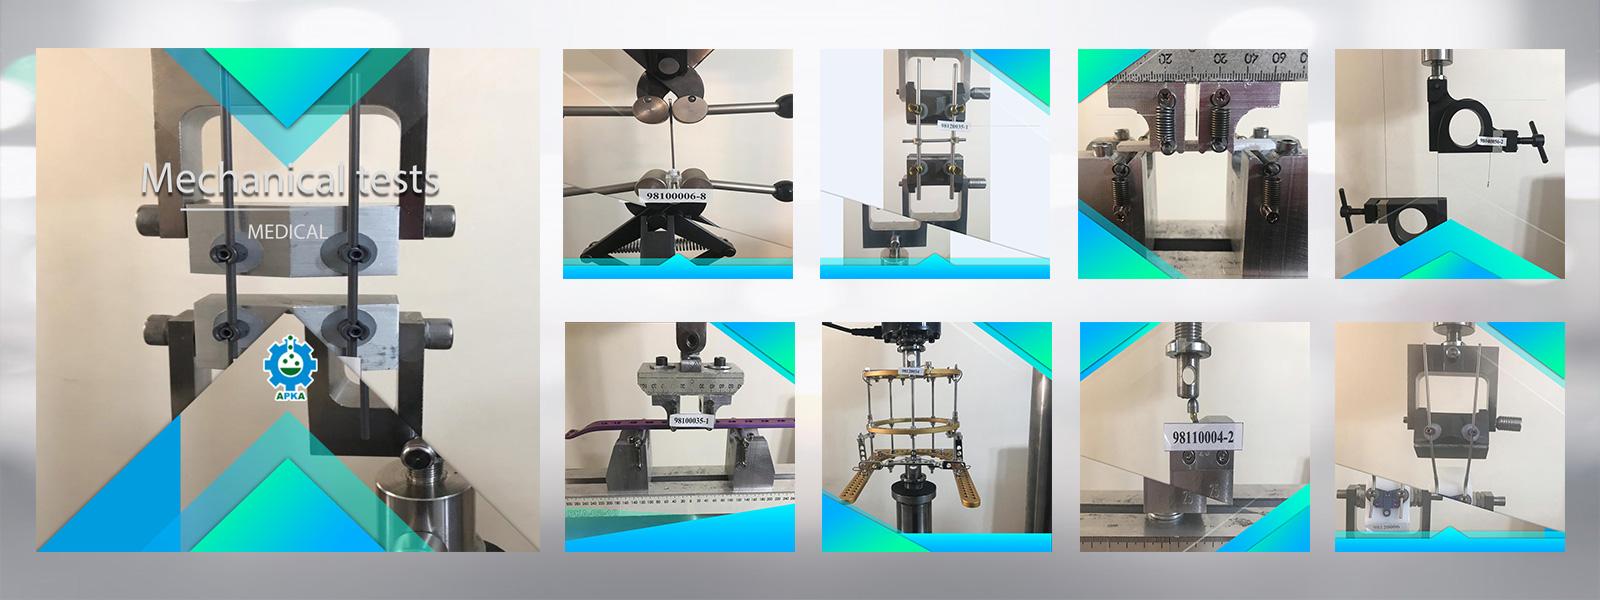 آزمایشگاه خواص فیزیکی و مکانیکی